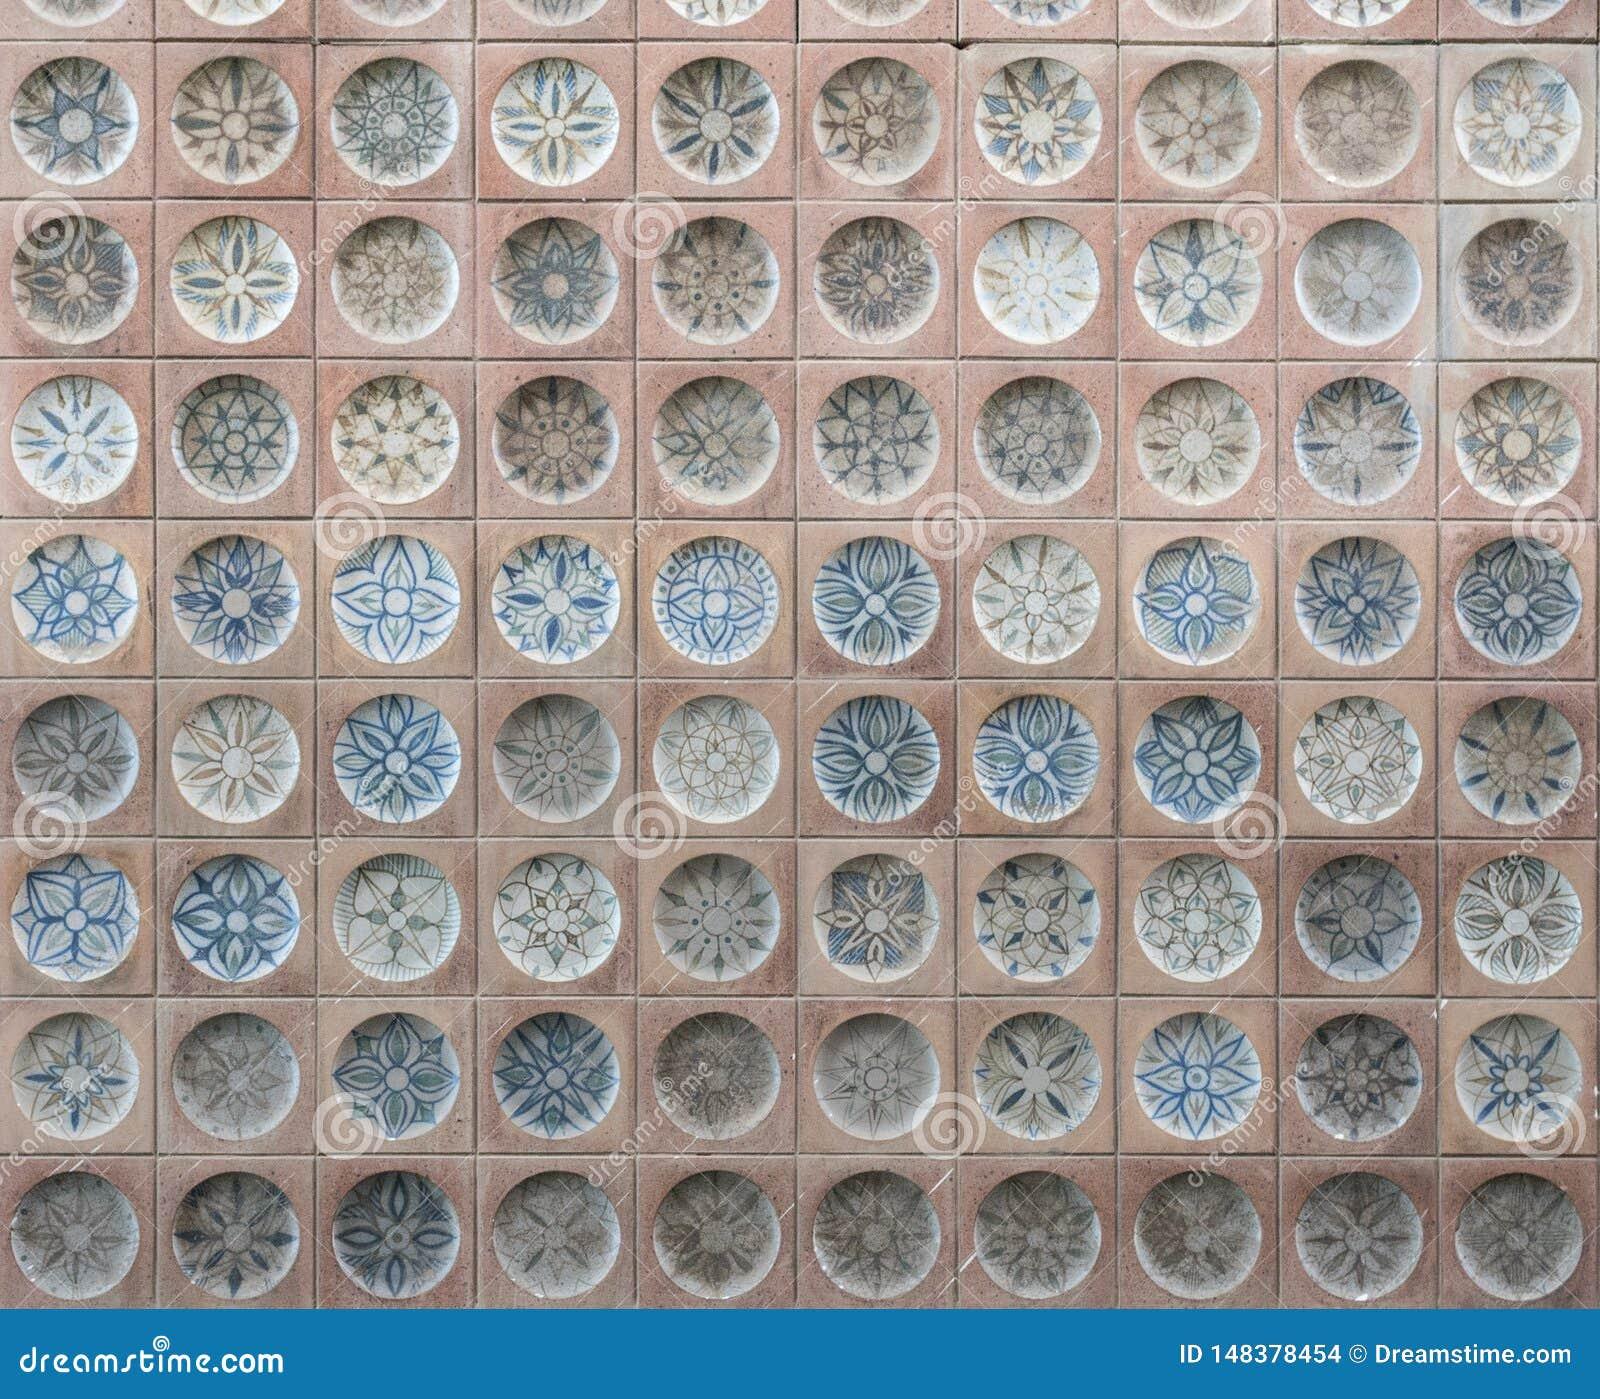 Vieux carreaux de céramique espagnols avec des modèles, faisant face sur le bâtiment